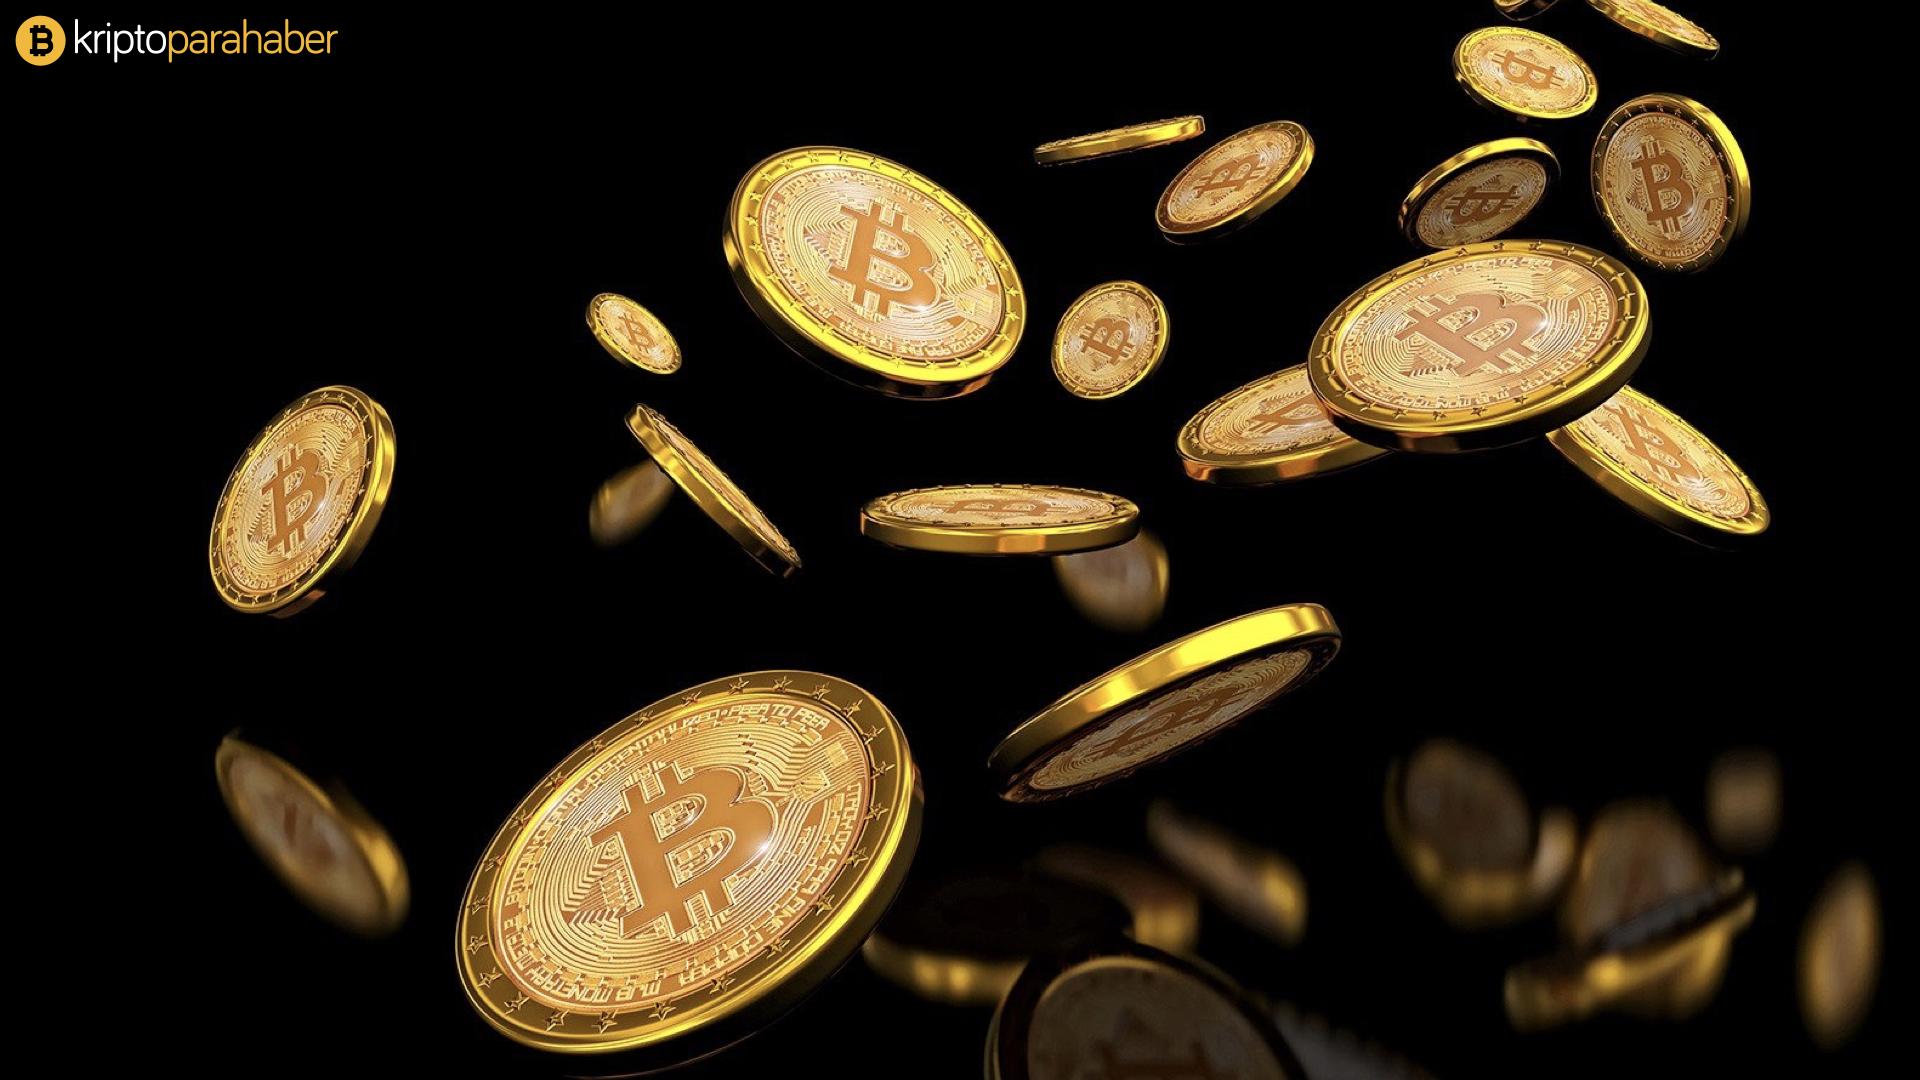 Yatırımcılar neden hâlâ Bitcoin'i tercih ediyor? Kripto Para Haber cevaplıyor.